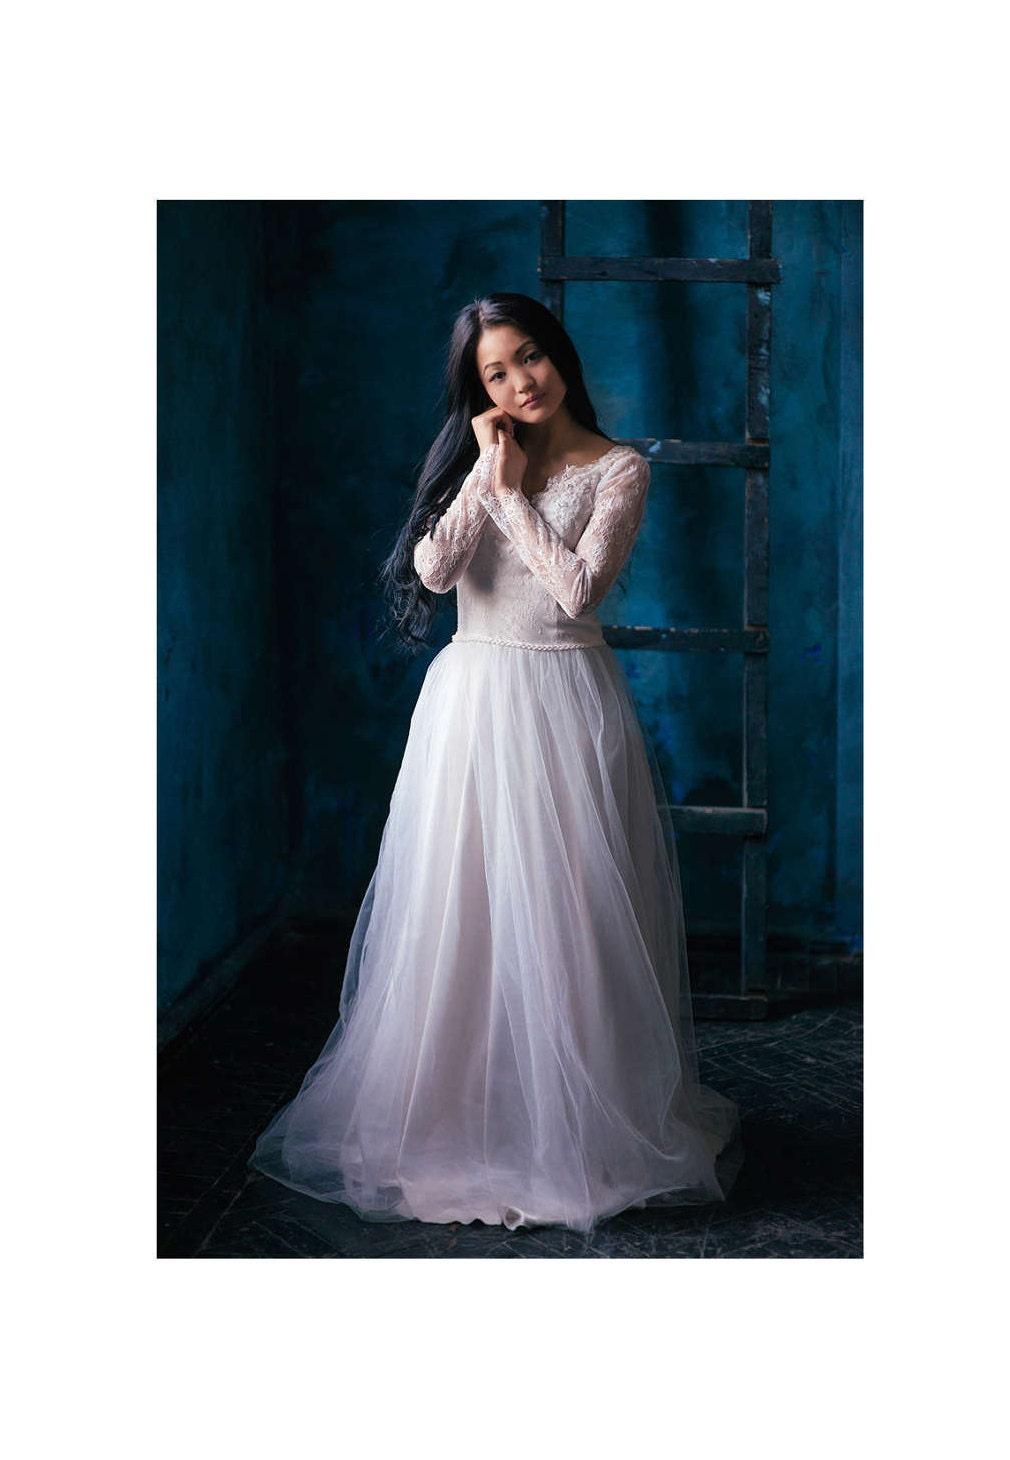 Spitze Kleid violett einzigartige Hochzeit Brautkleid.